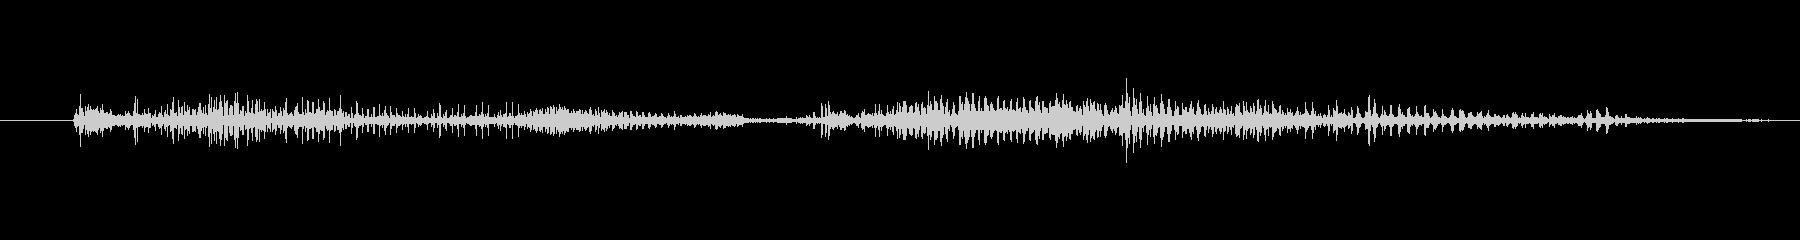 鳴き声 男性の呪い悪11の未再生の波形